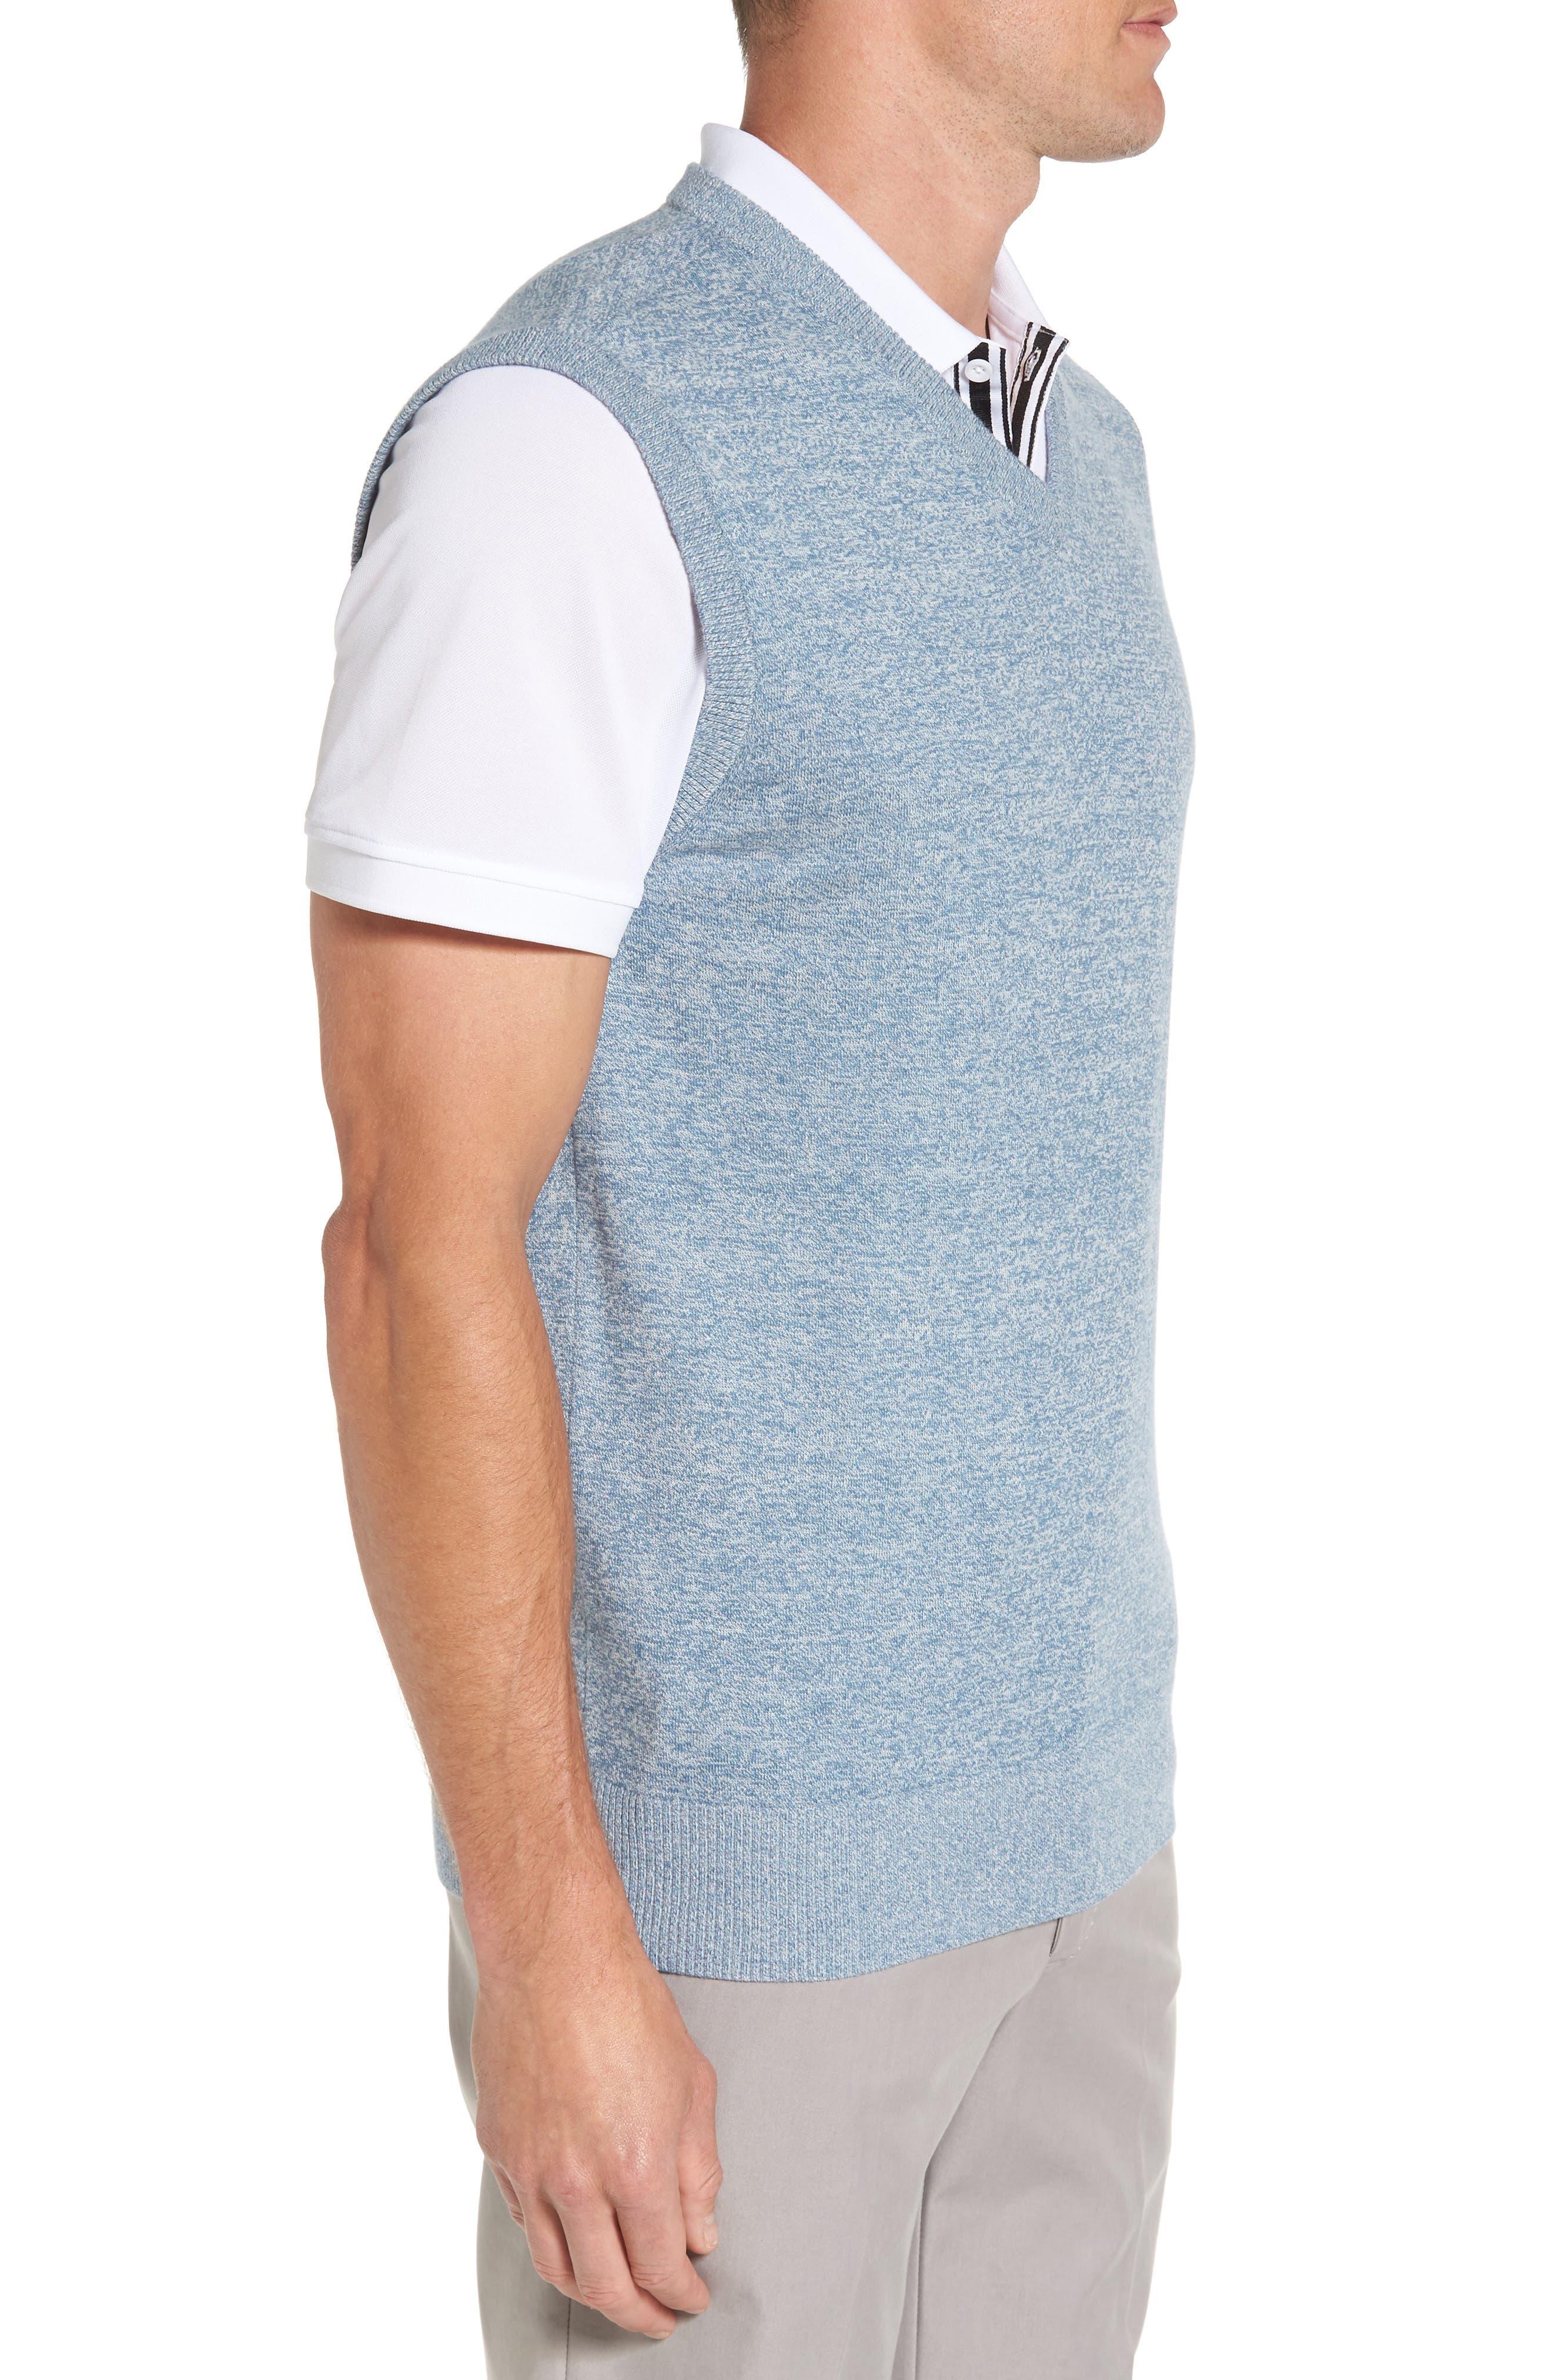 Valley V-Neck Sweater Vest,                             Alternate thumbnail 3, color,                             Blue Print/ White Melange